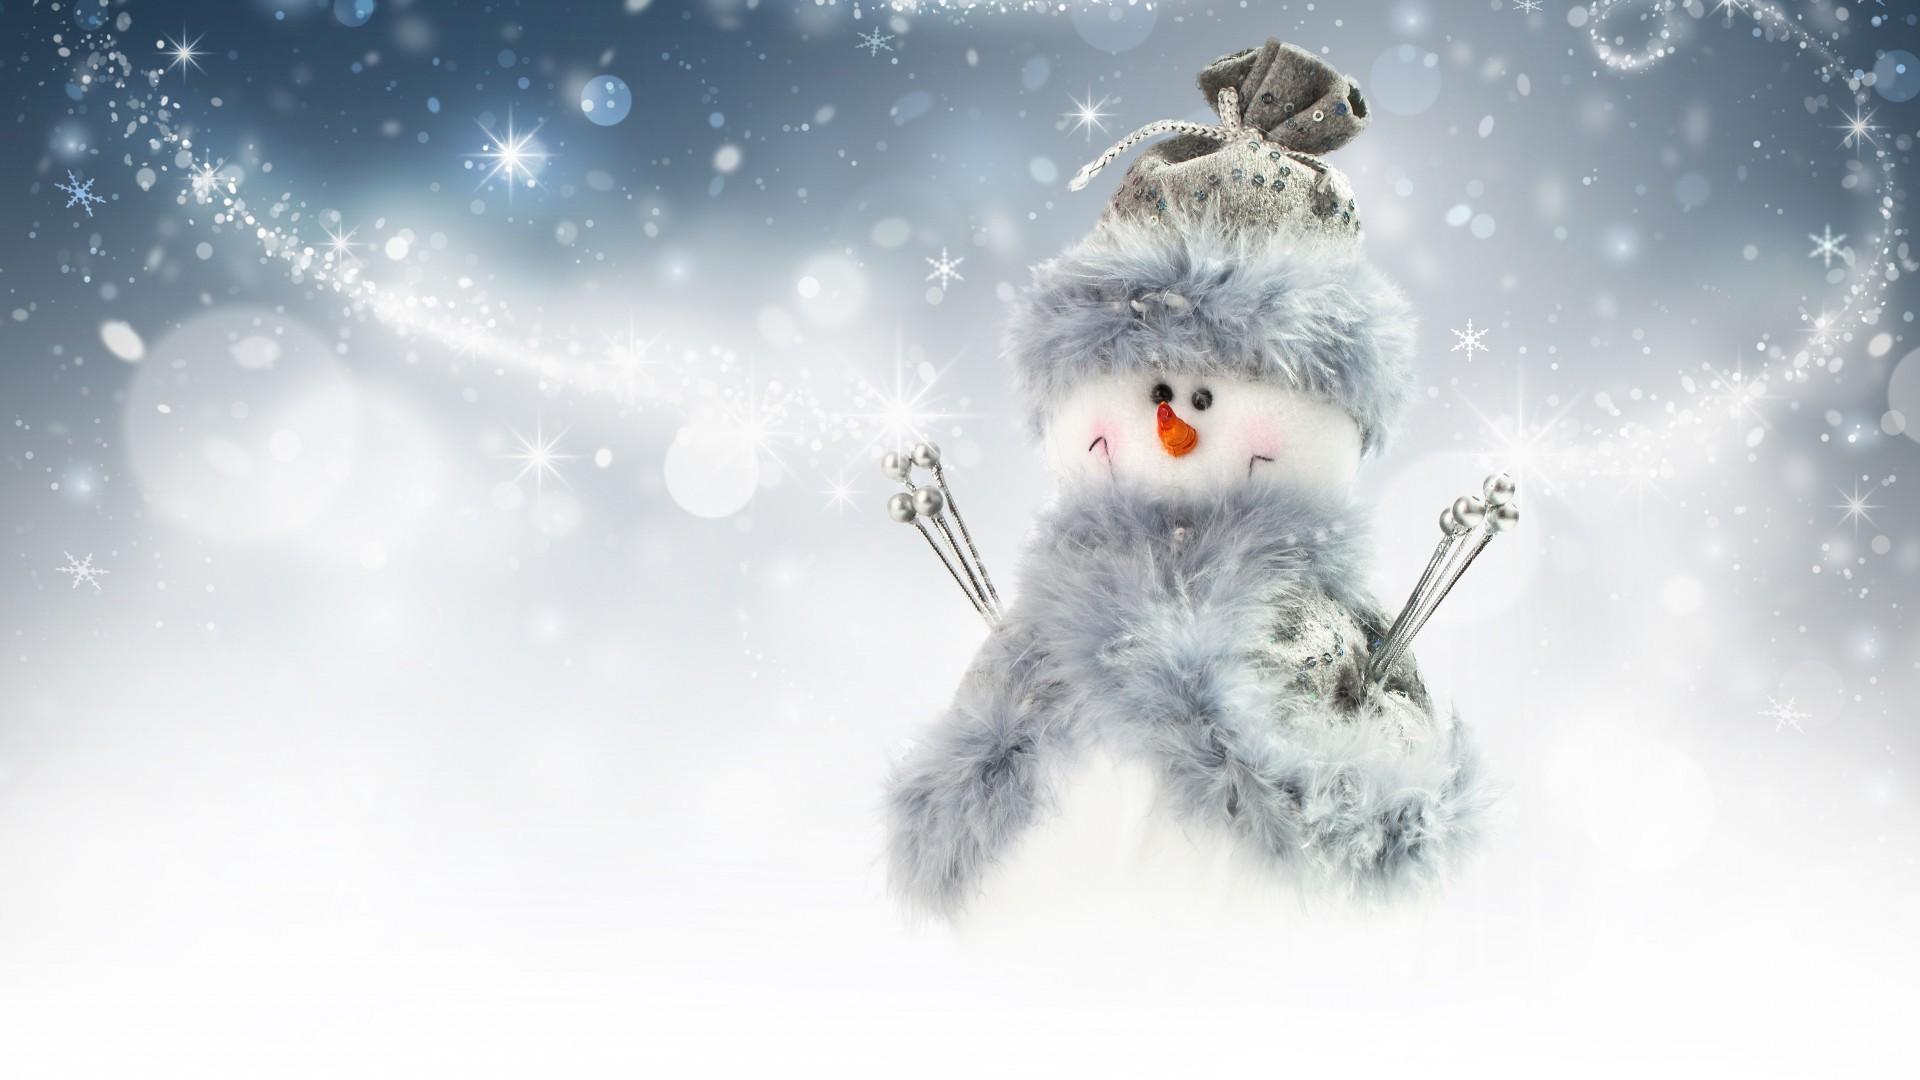 Зимние прикольные картинки на телефон